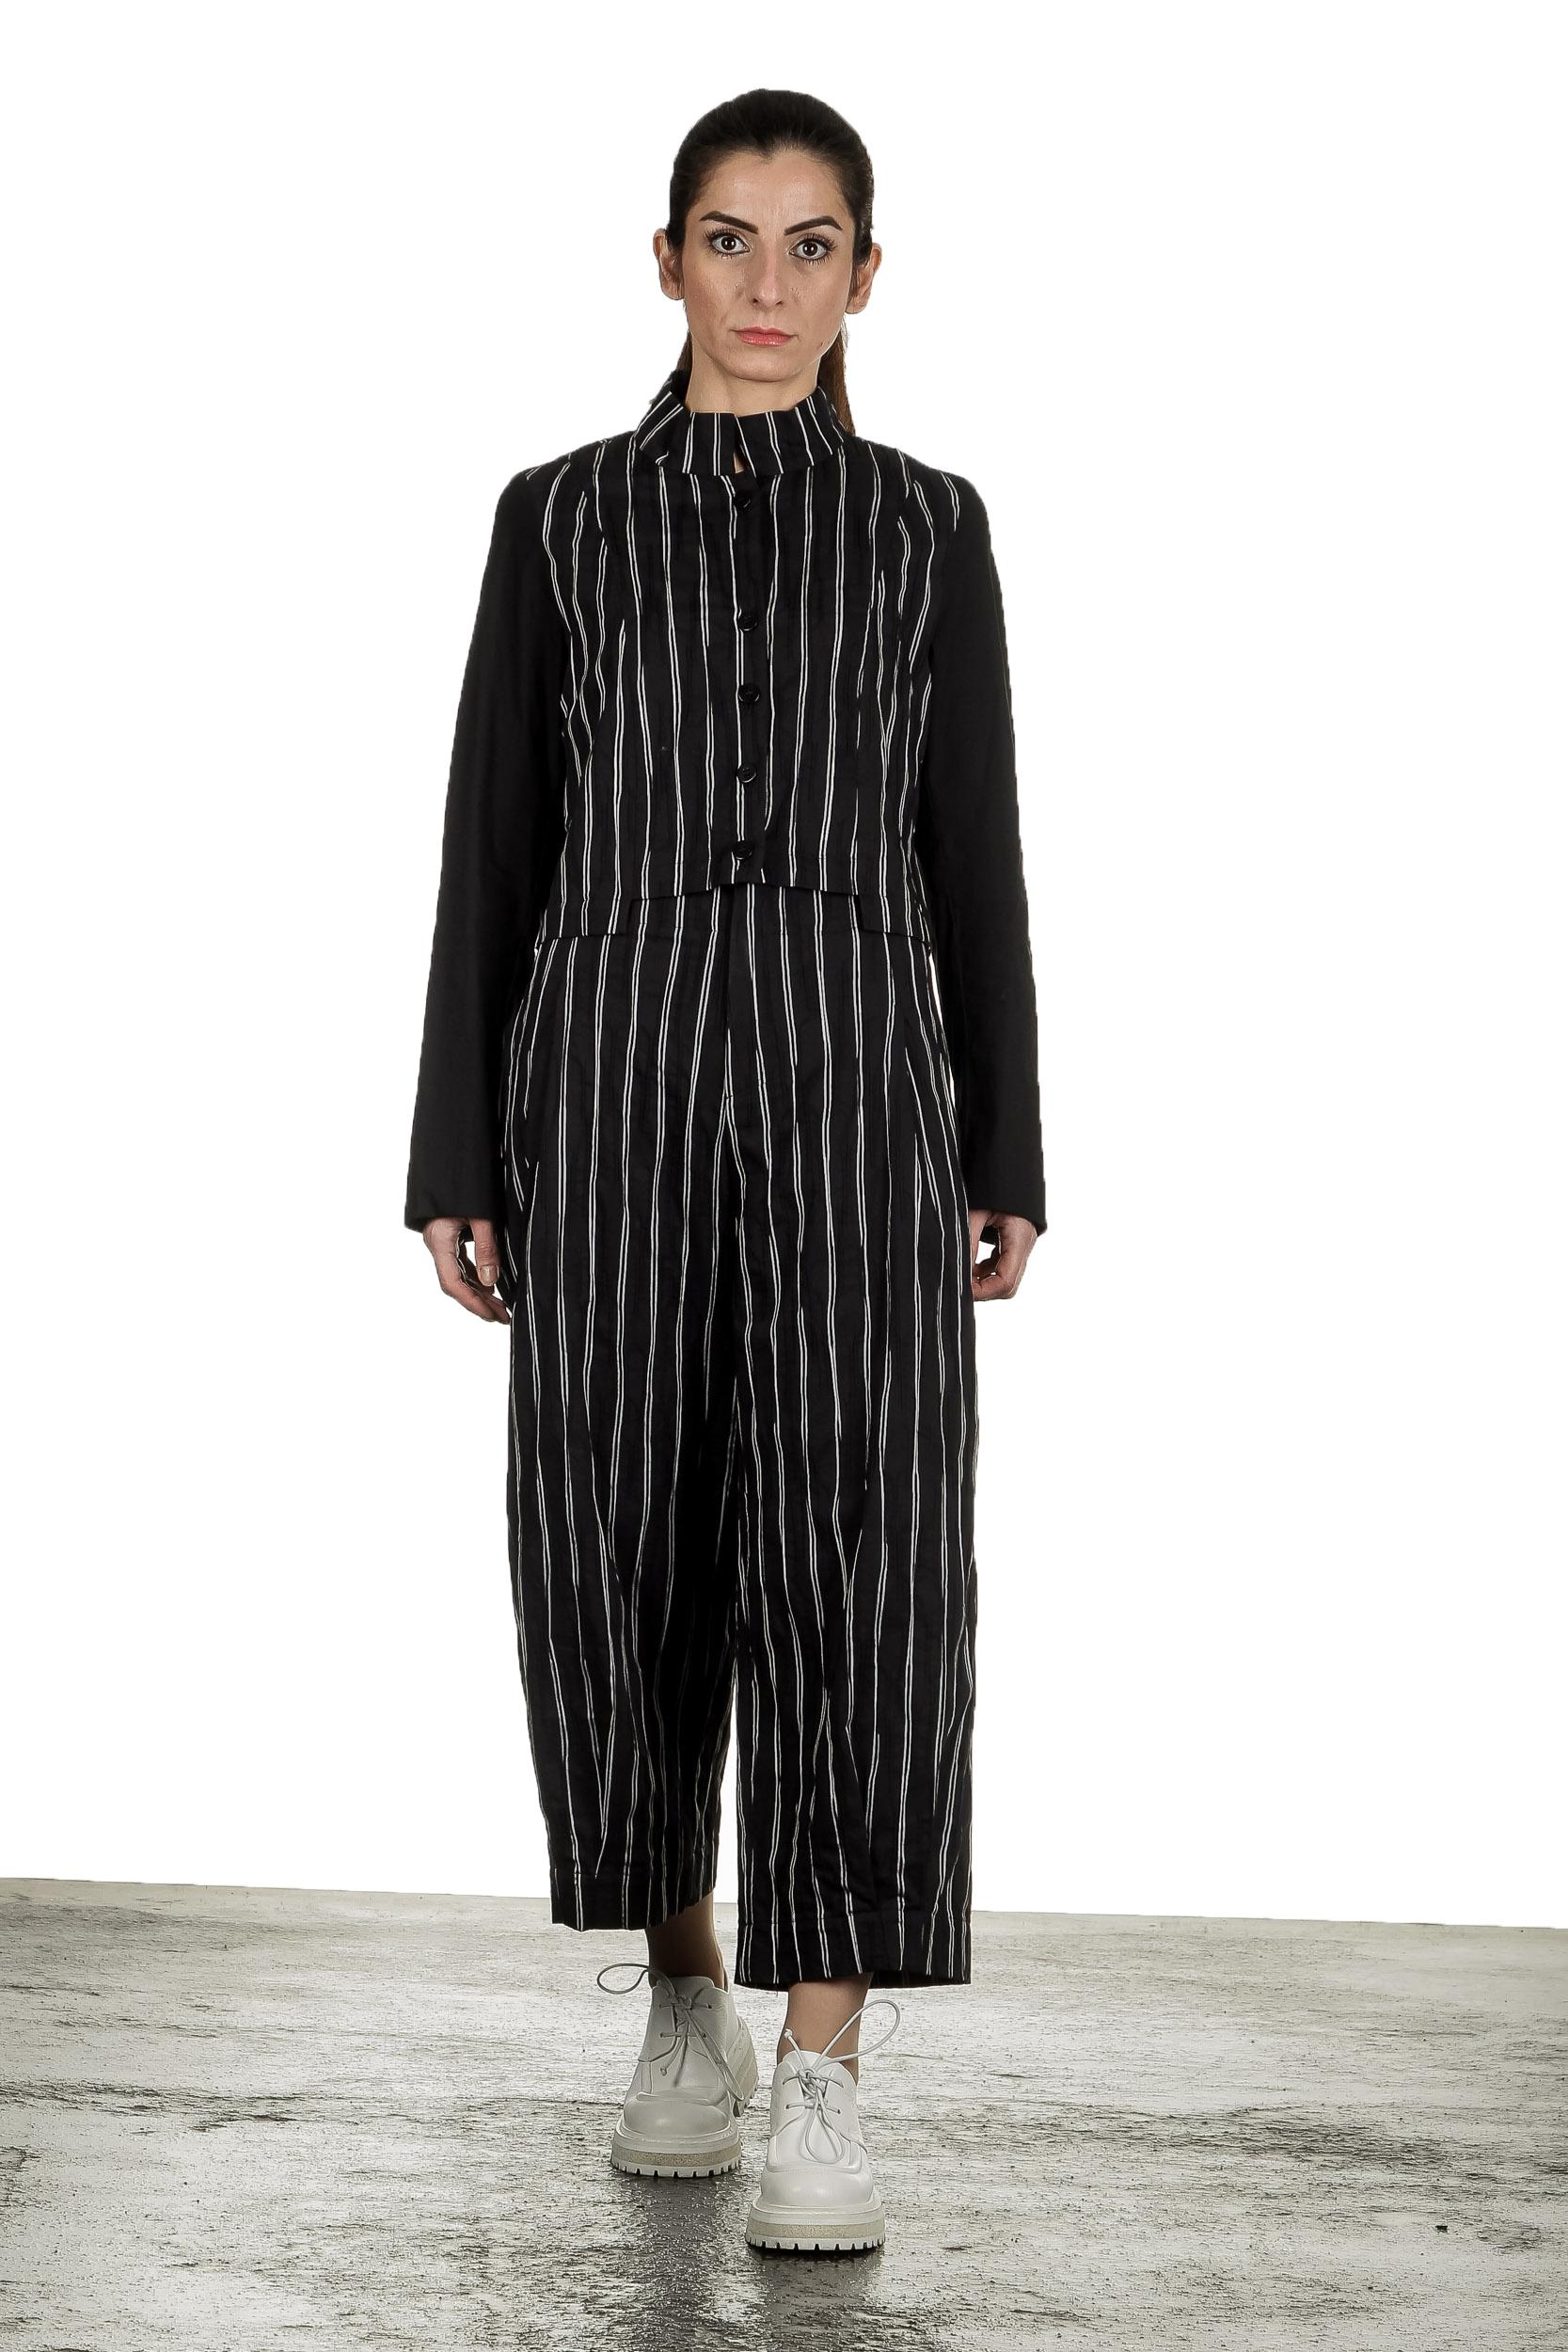 Hosen - Yukai Damen Culotte Hose mit Streifen schwarz  - Onlineshop Luxury Loft